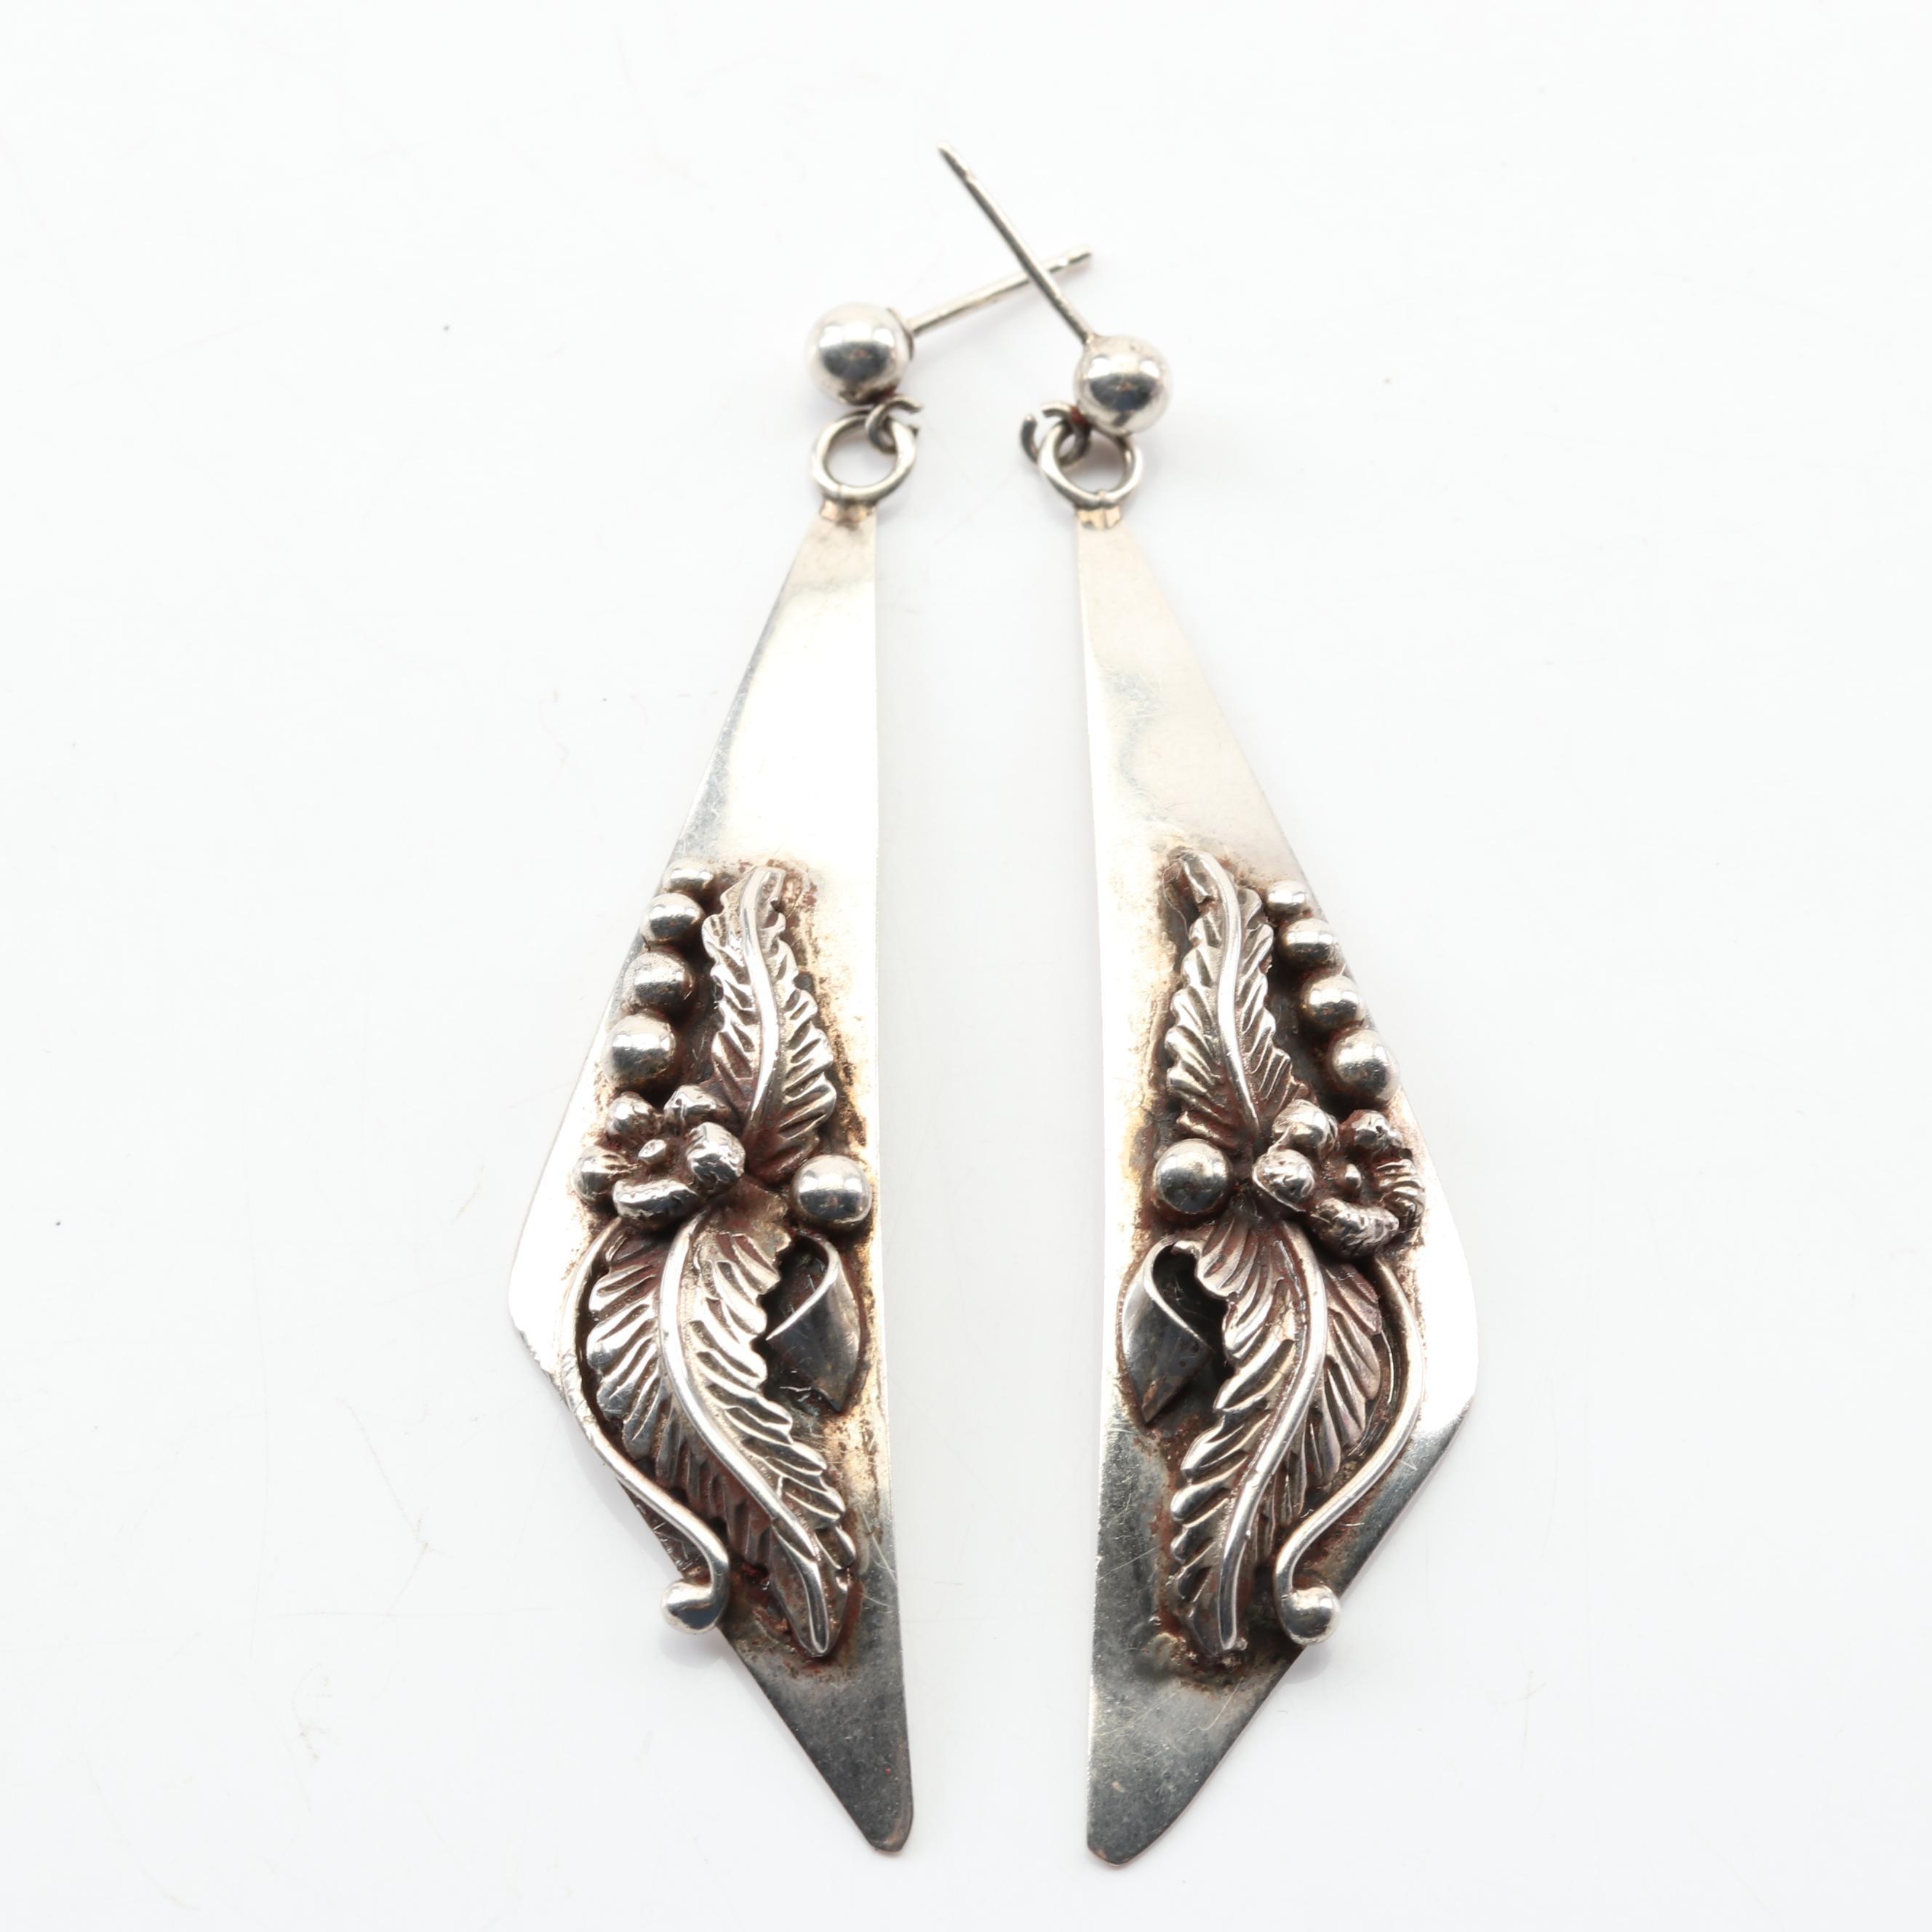 Southwestern Style Sterling Silver Dangle Earrings